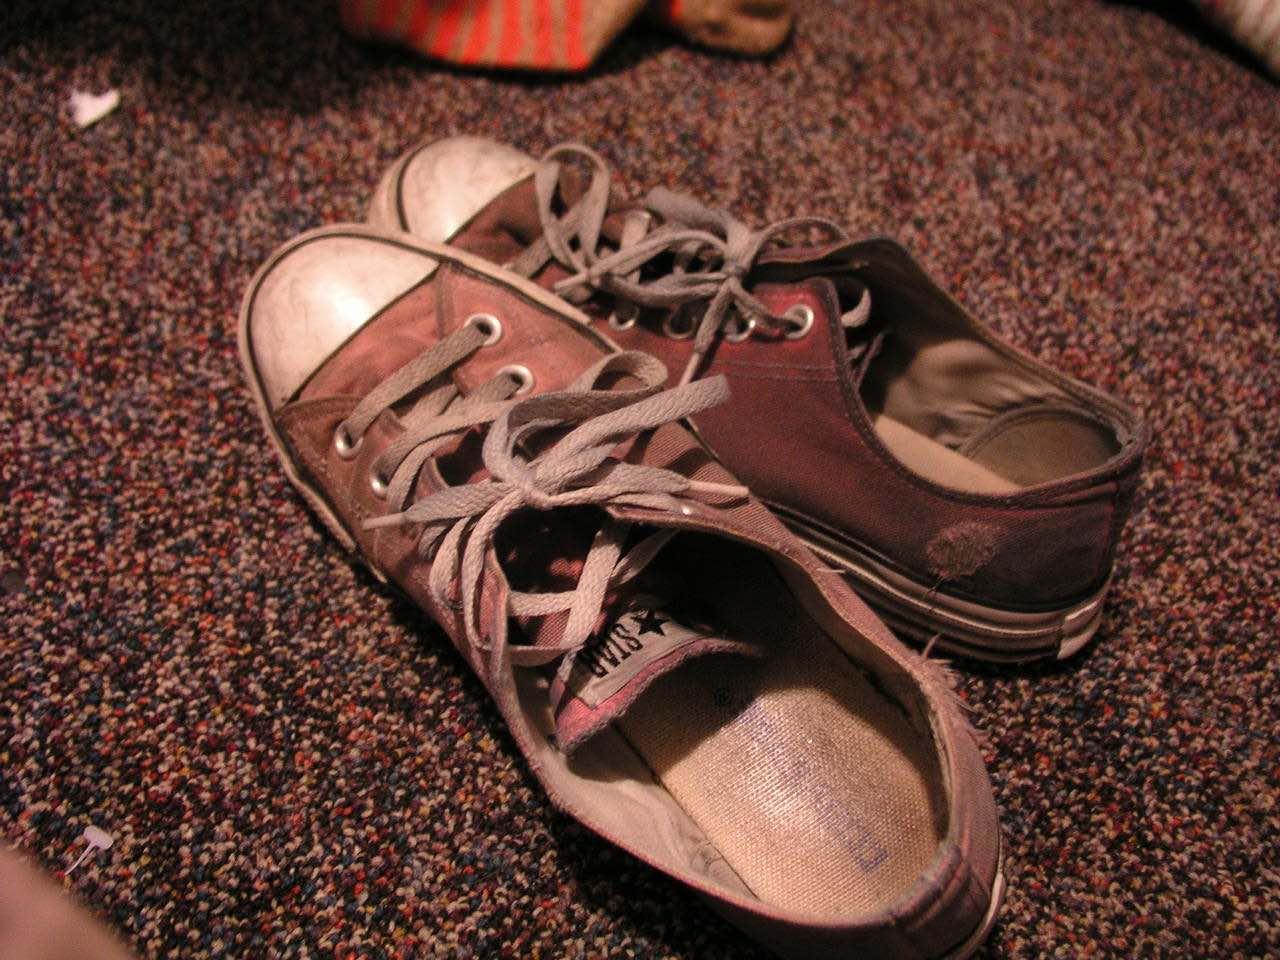 چگونه از کفش هایم نگهداری کنم؟